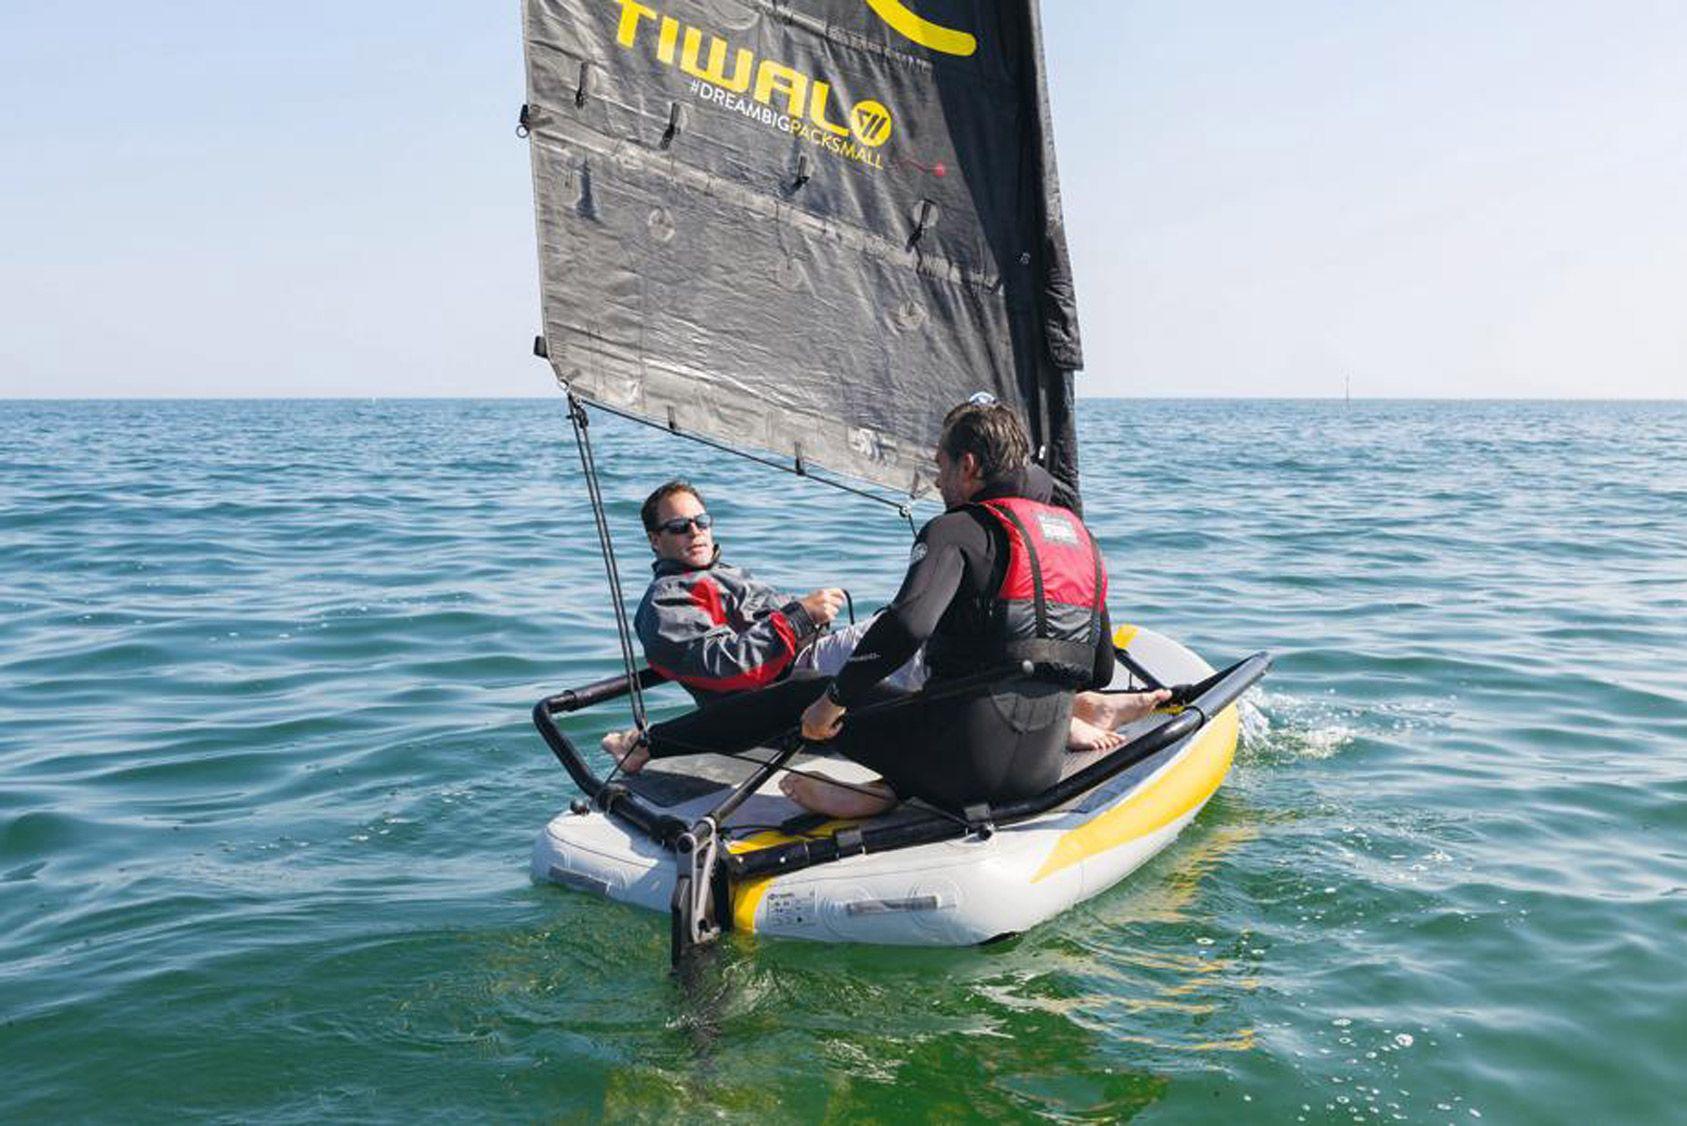 Un après-midi pour essayer un voilier gonflable